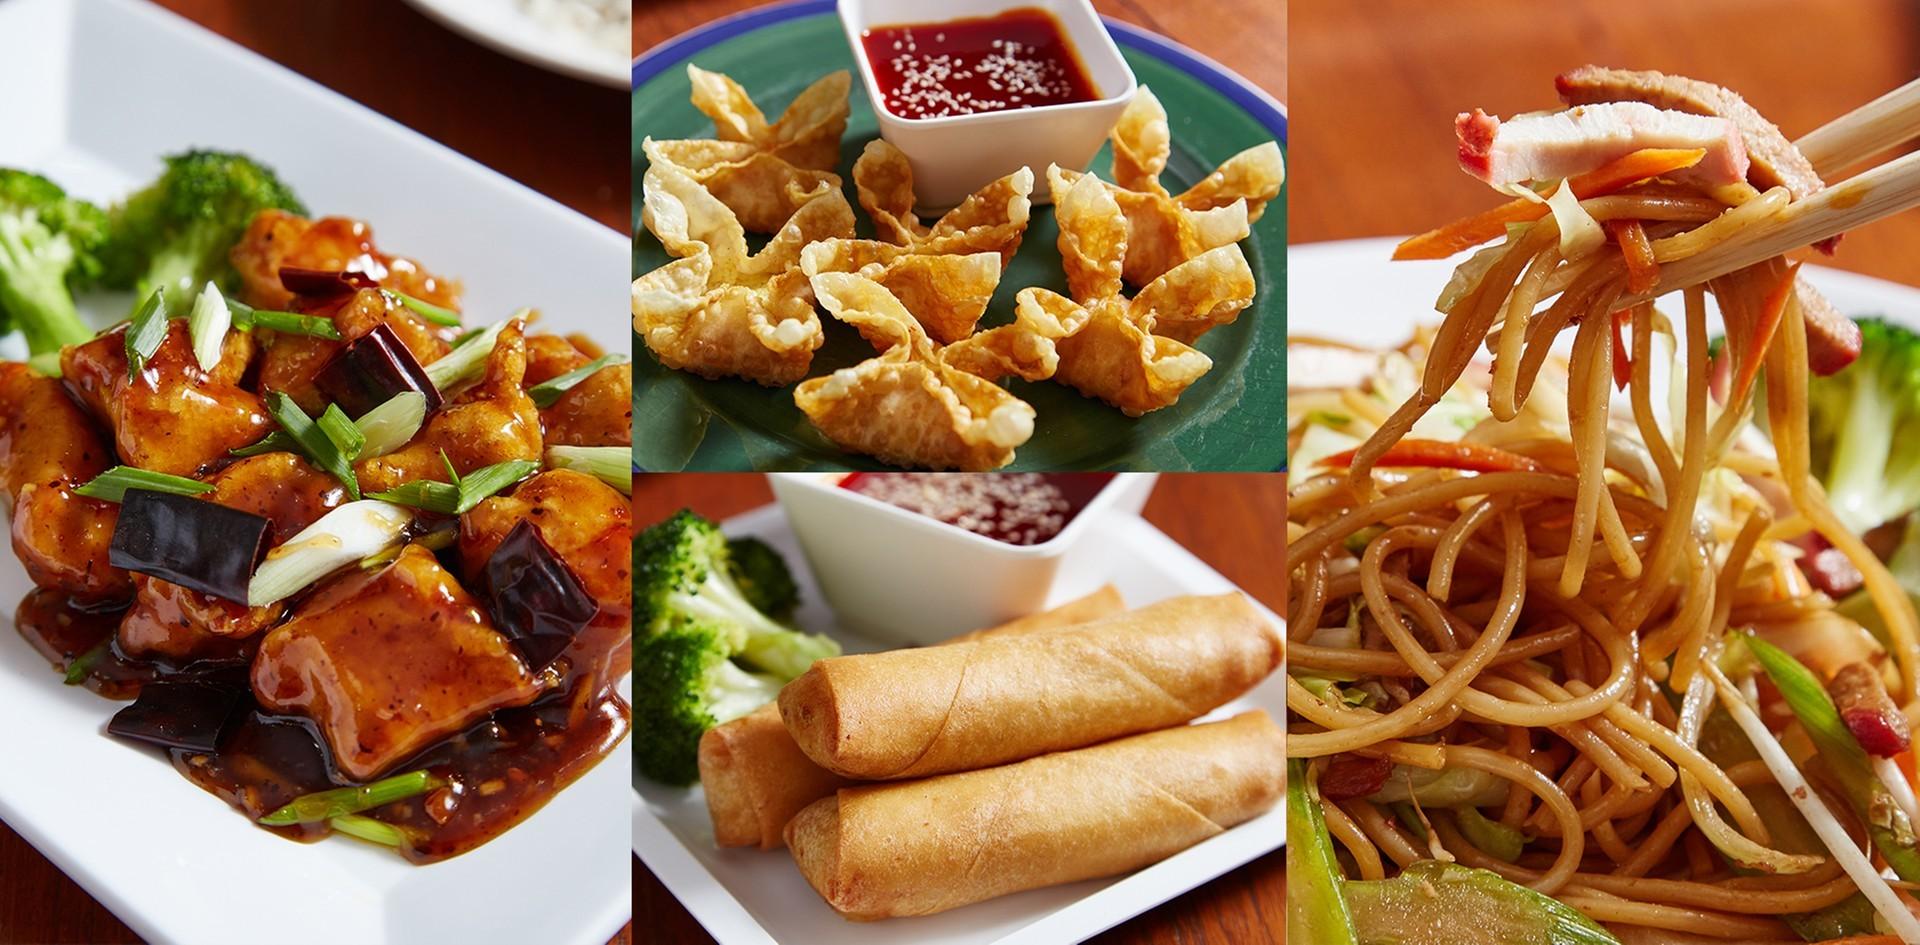 รสชาติตำนานแห่งลาสเวกัส! ฟินกับอาหารจีนสไตล์อเมริกันที่ ABC Kitchen